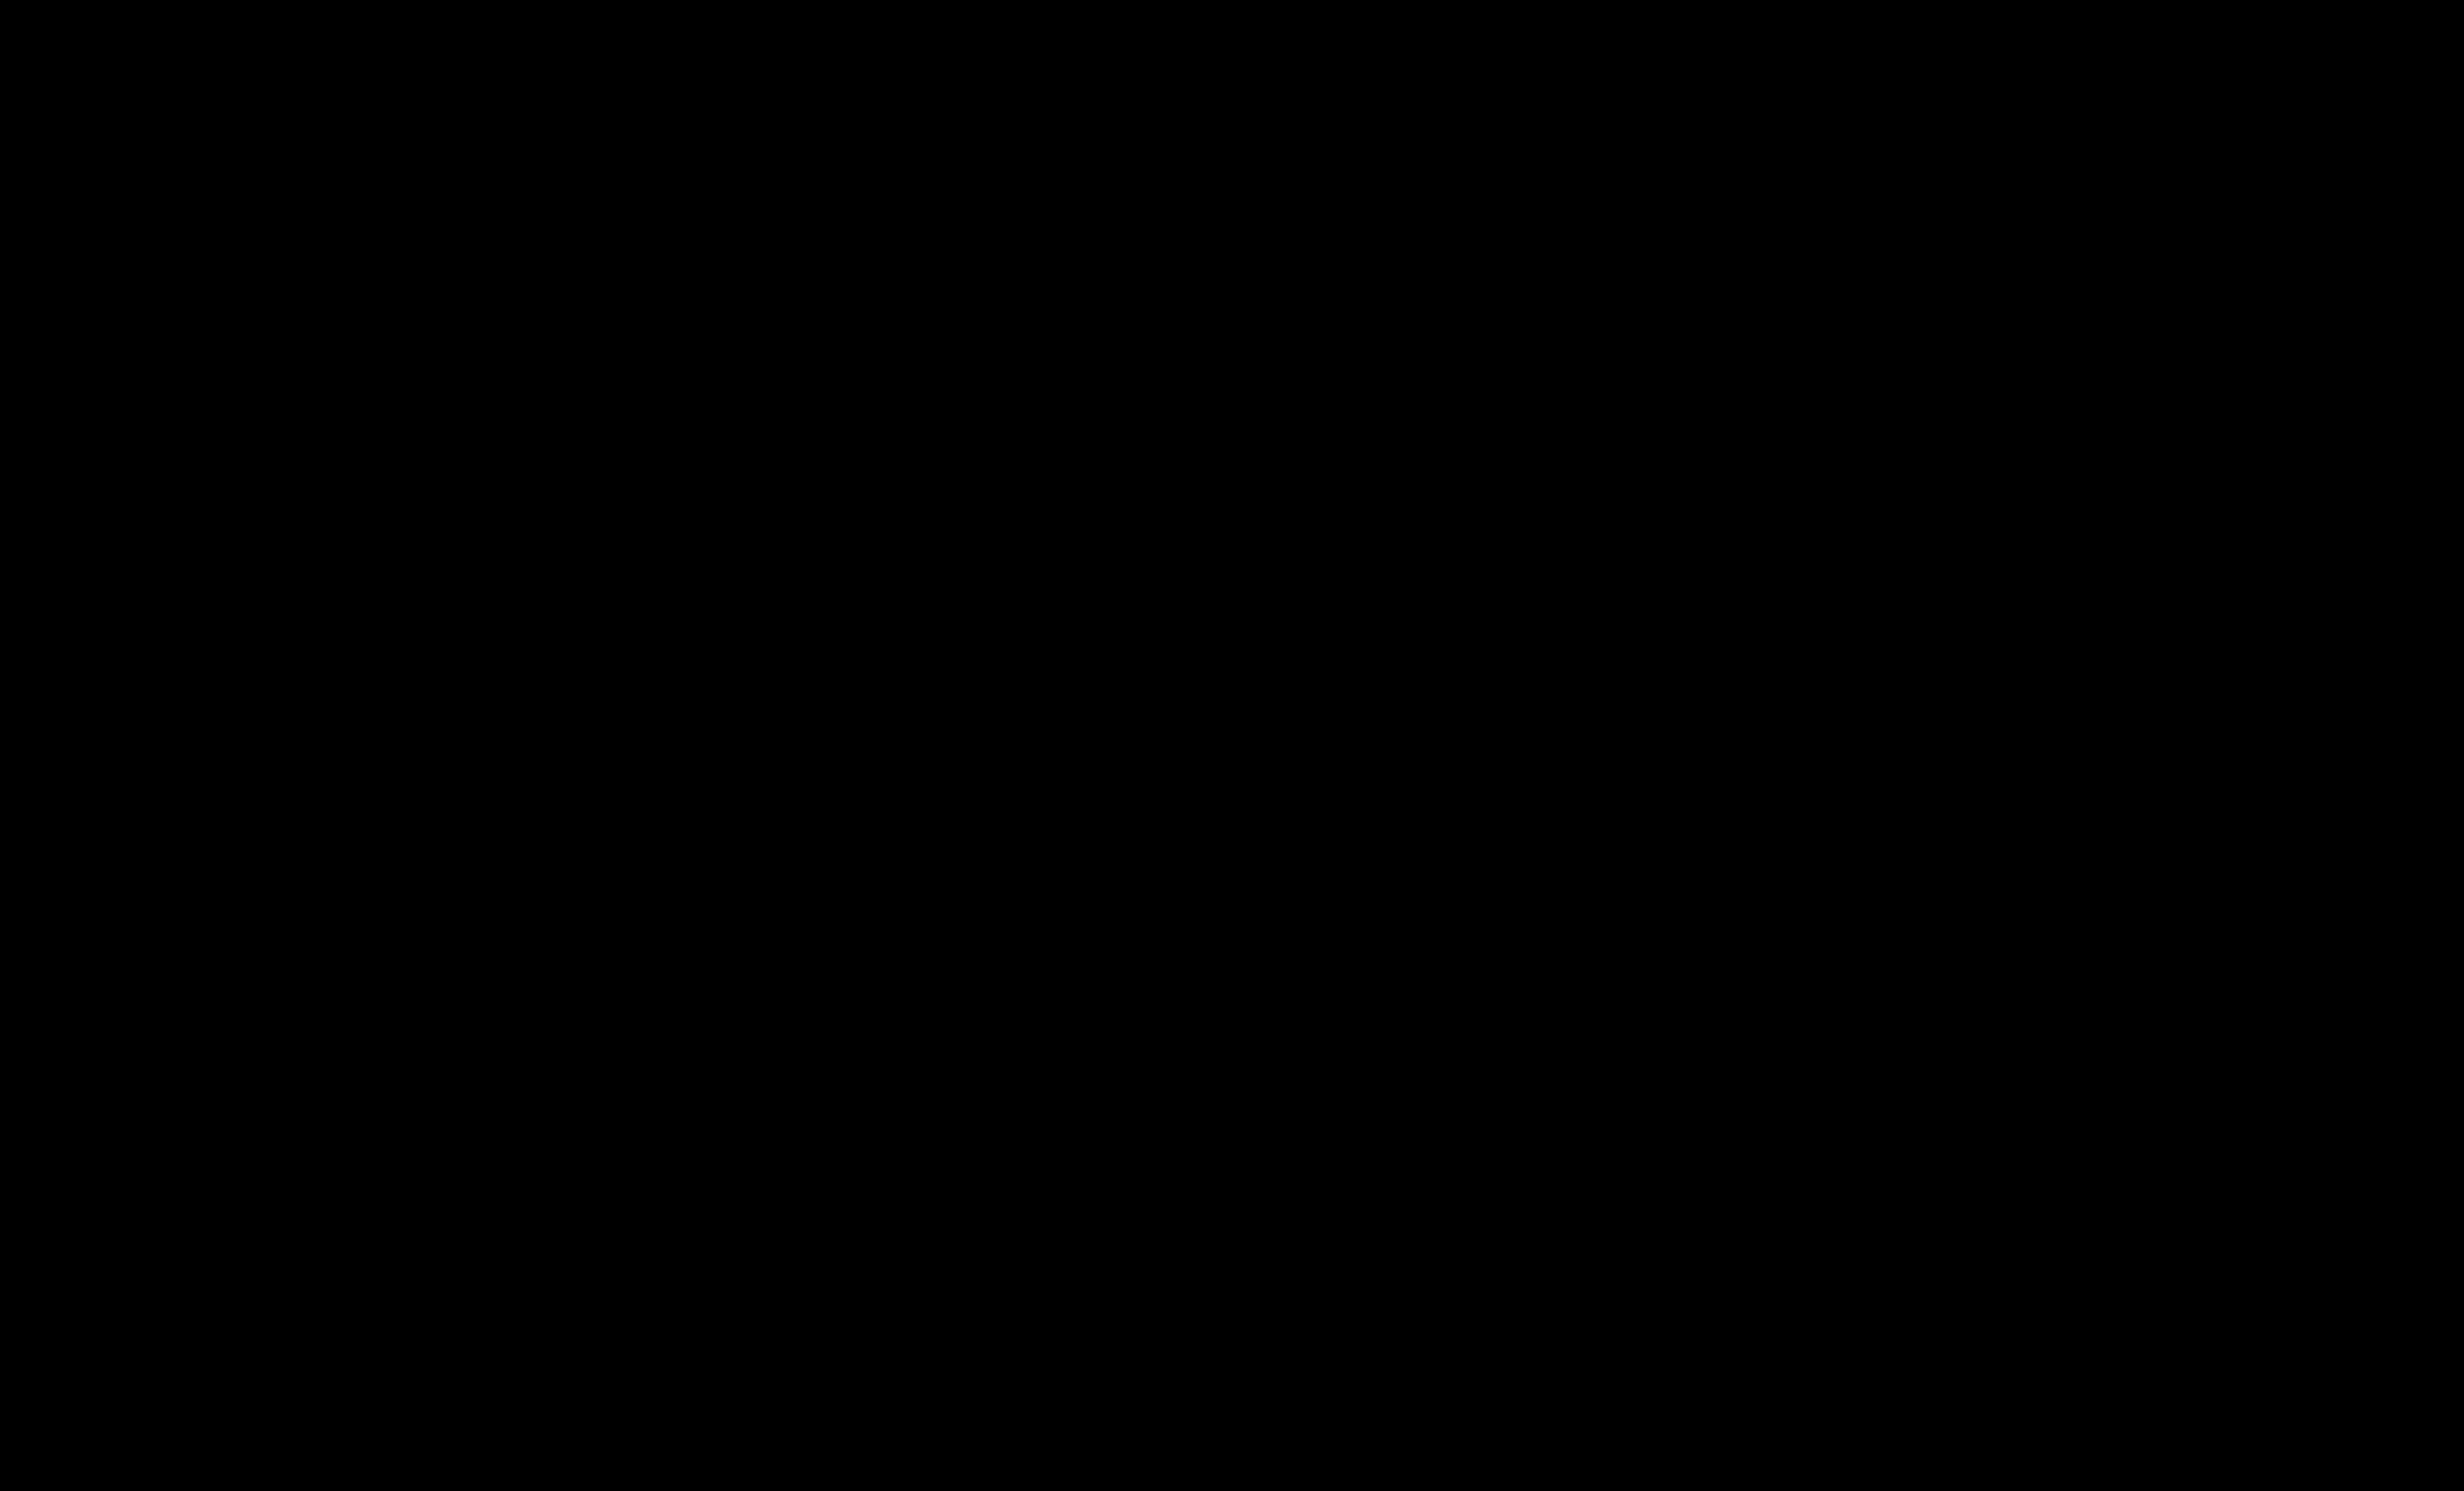 MAL-dPEG®₂₄-amido-dPEG®₂₄-amido-dPEG®₂₄-DSPE